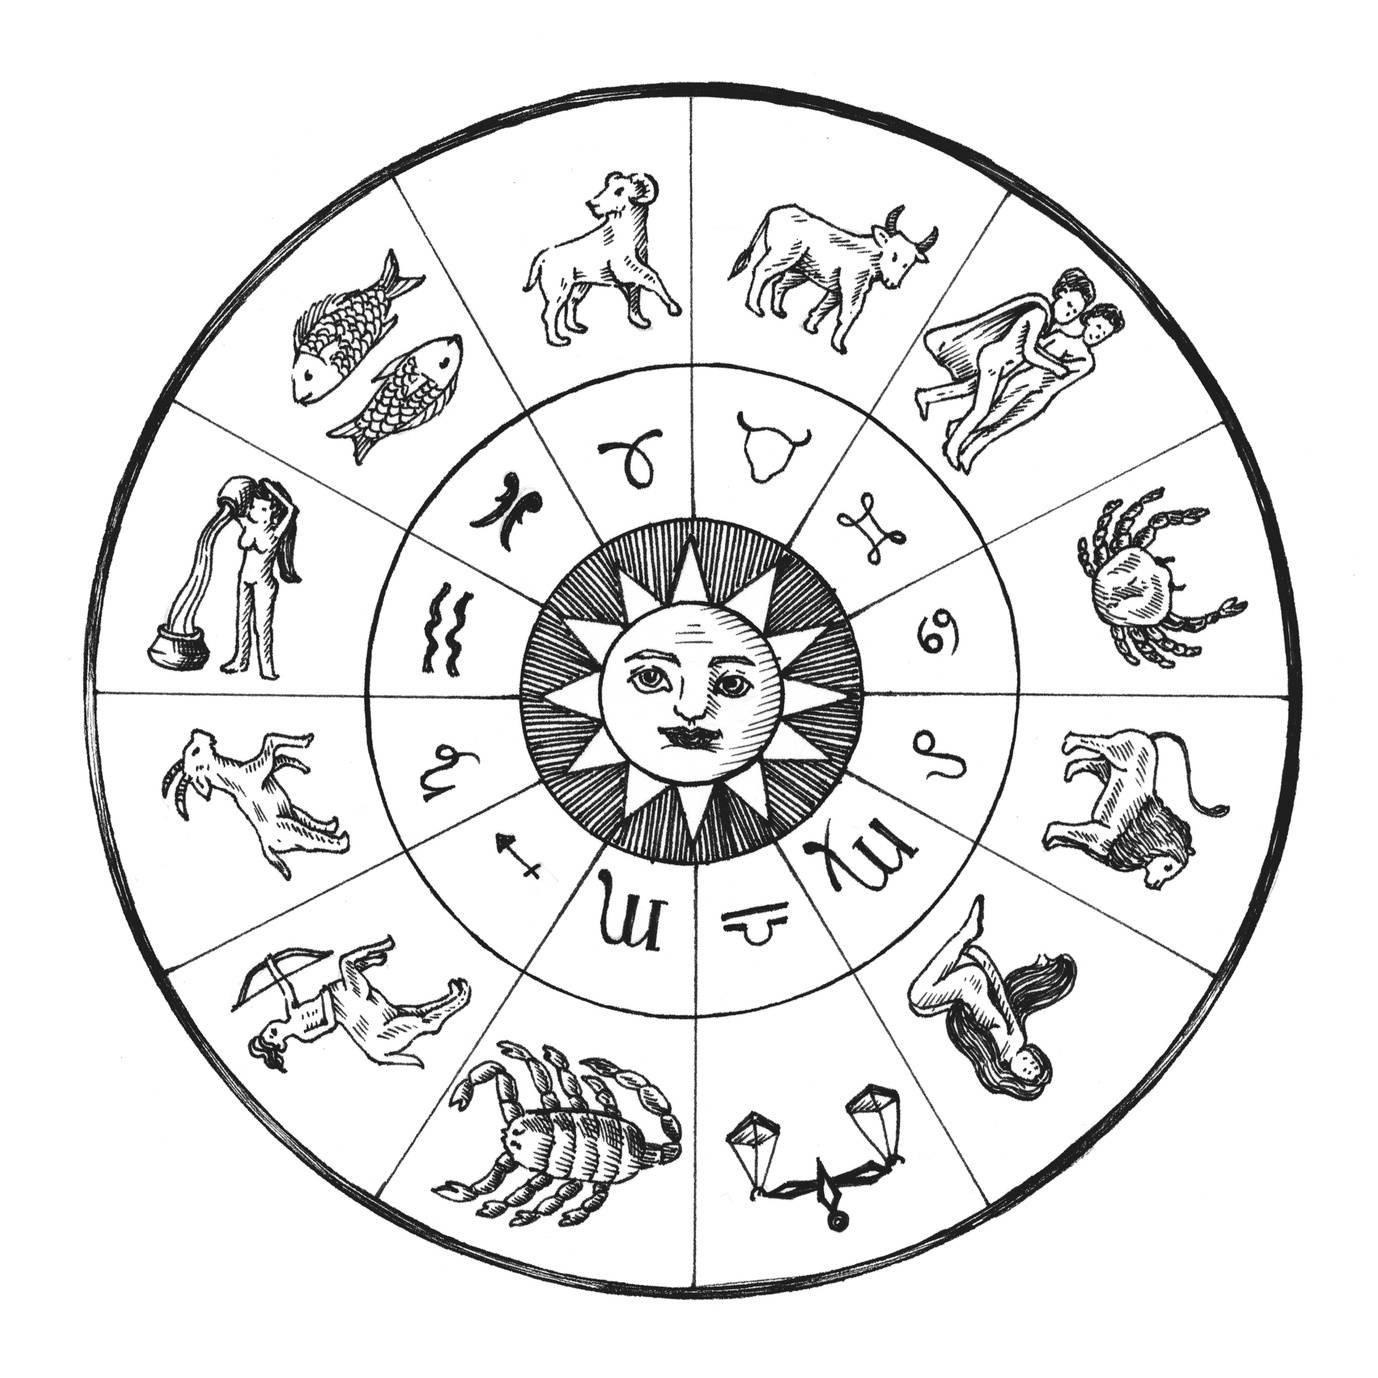 Astrologia w medycynie i filozofii chińskiej. znaki zodiaku na rycinie.